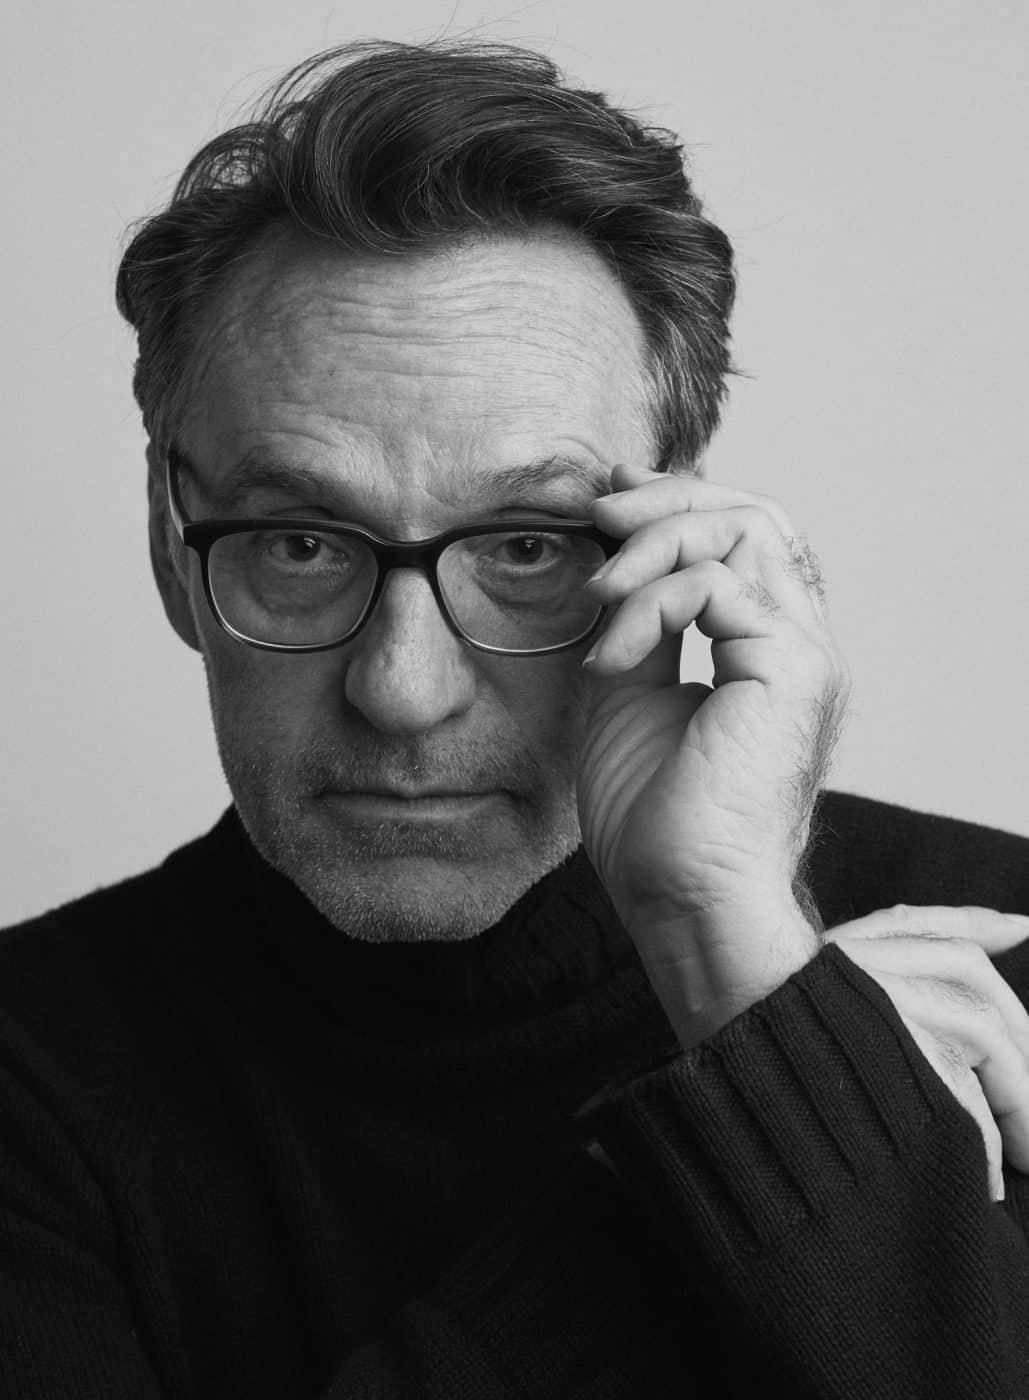 Gallery owner Christophe Guye